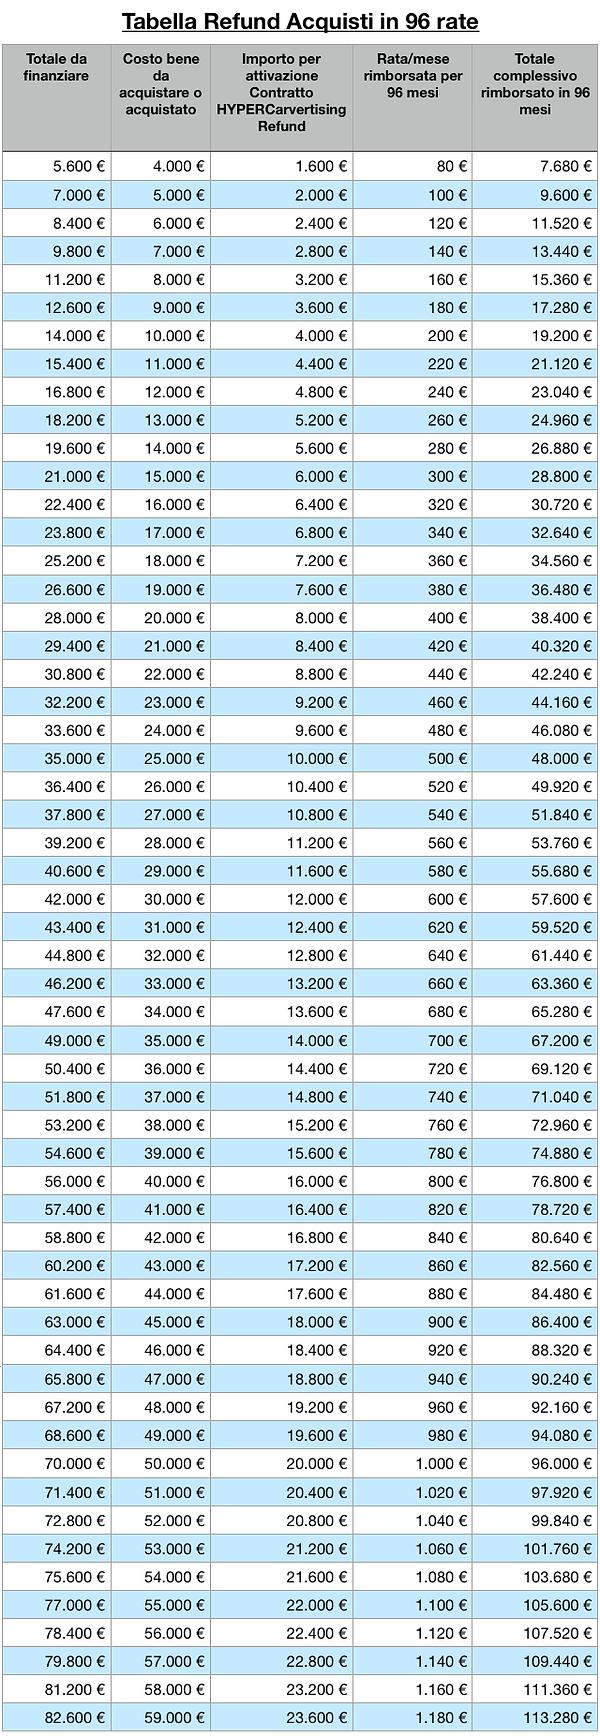 Tabella-Refund-Acquisti-96-rate-pubblico.png